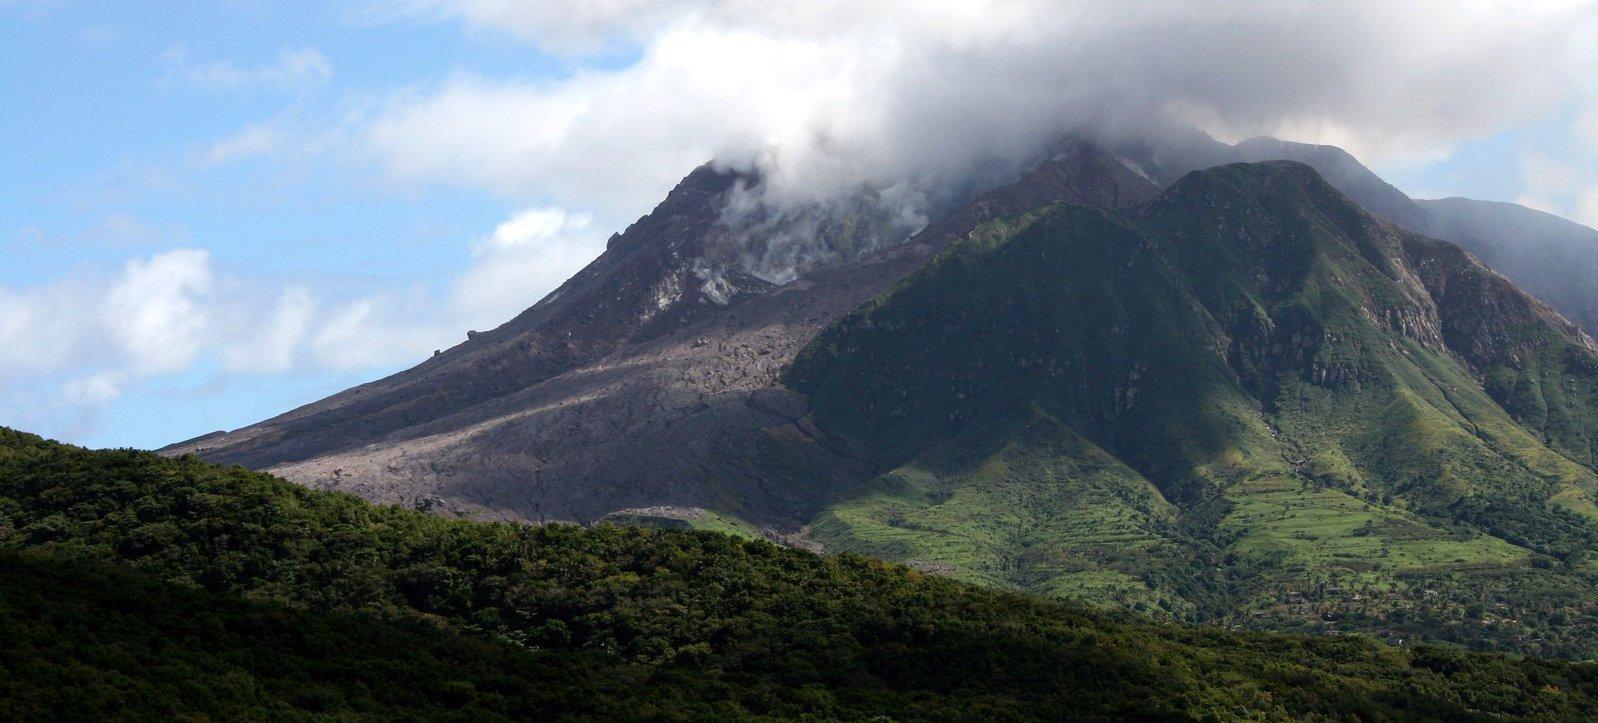 Volcano in Montserrat